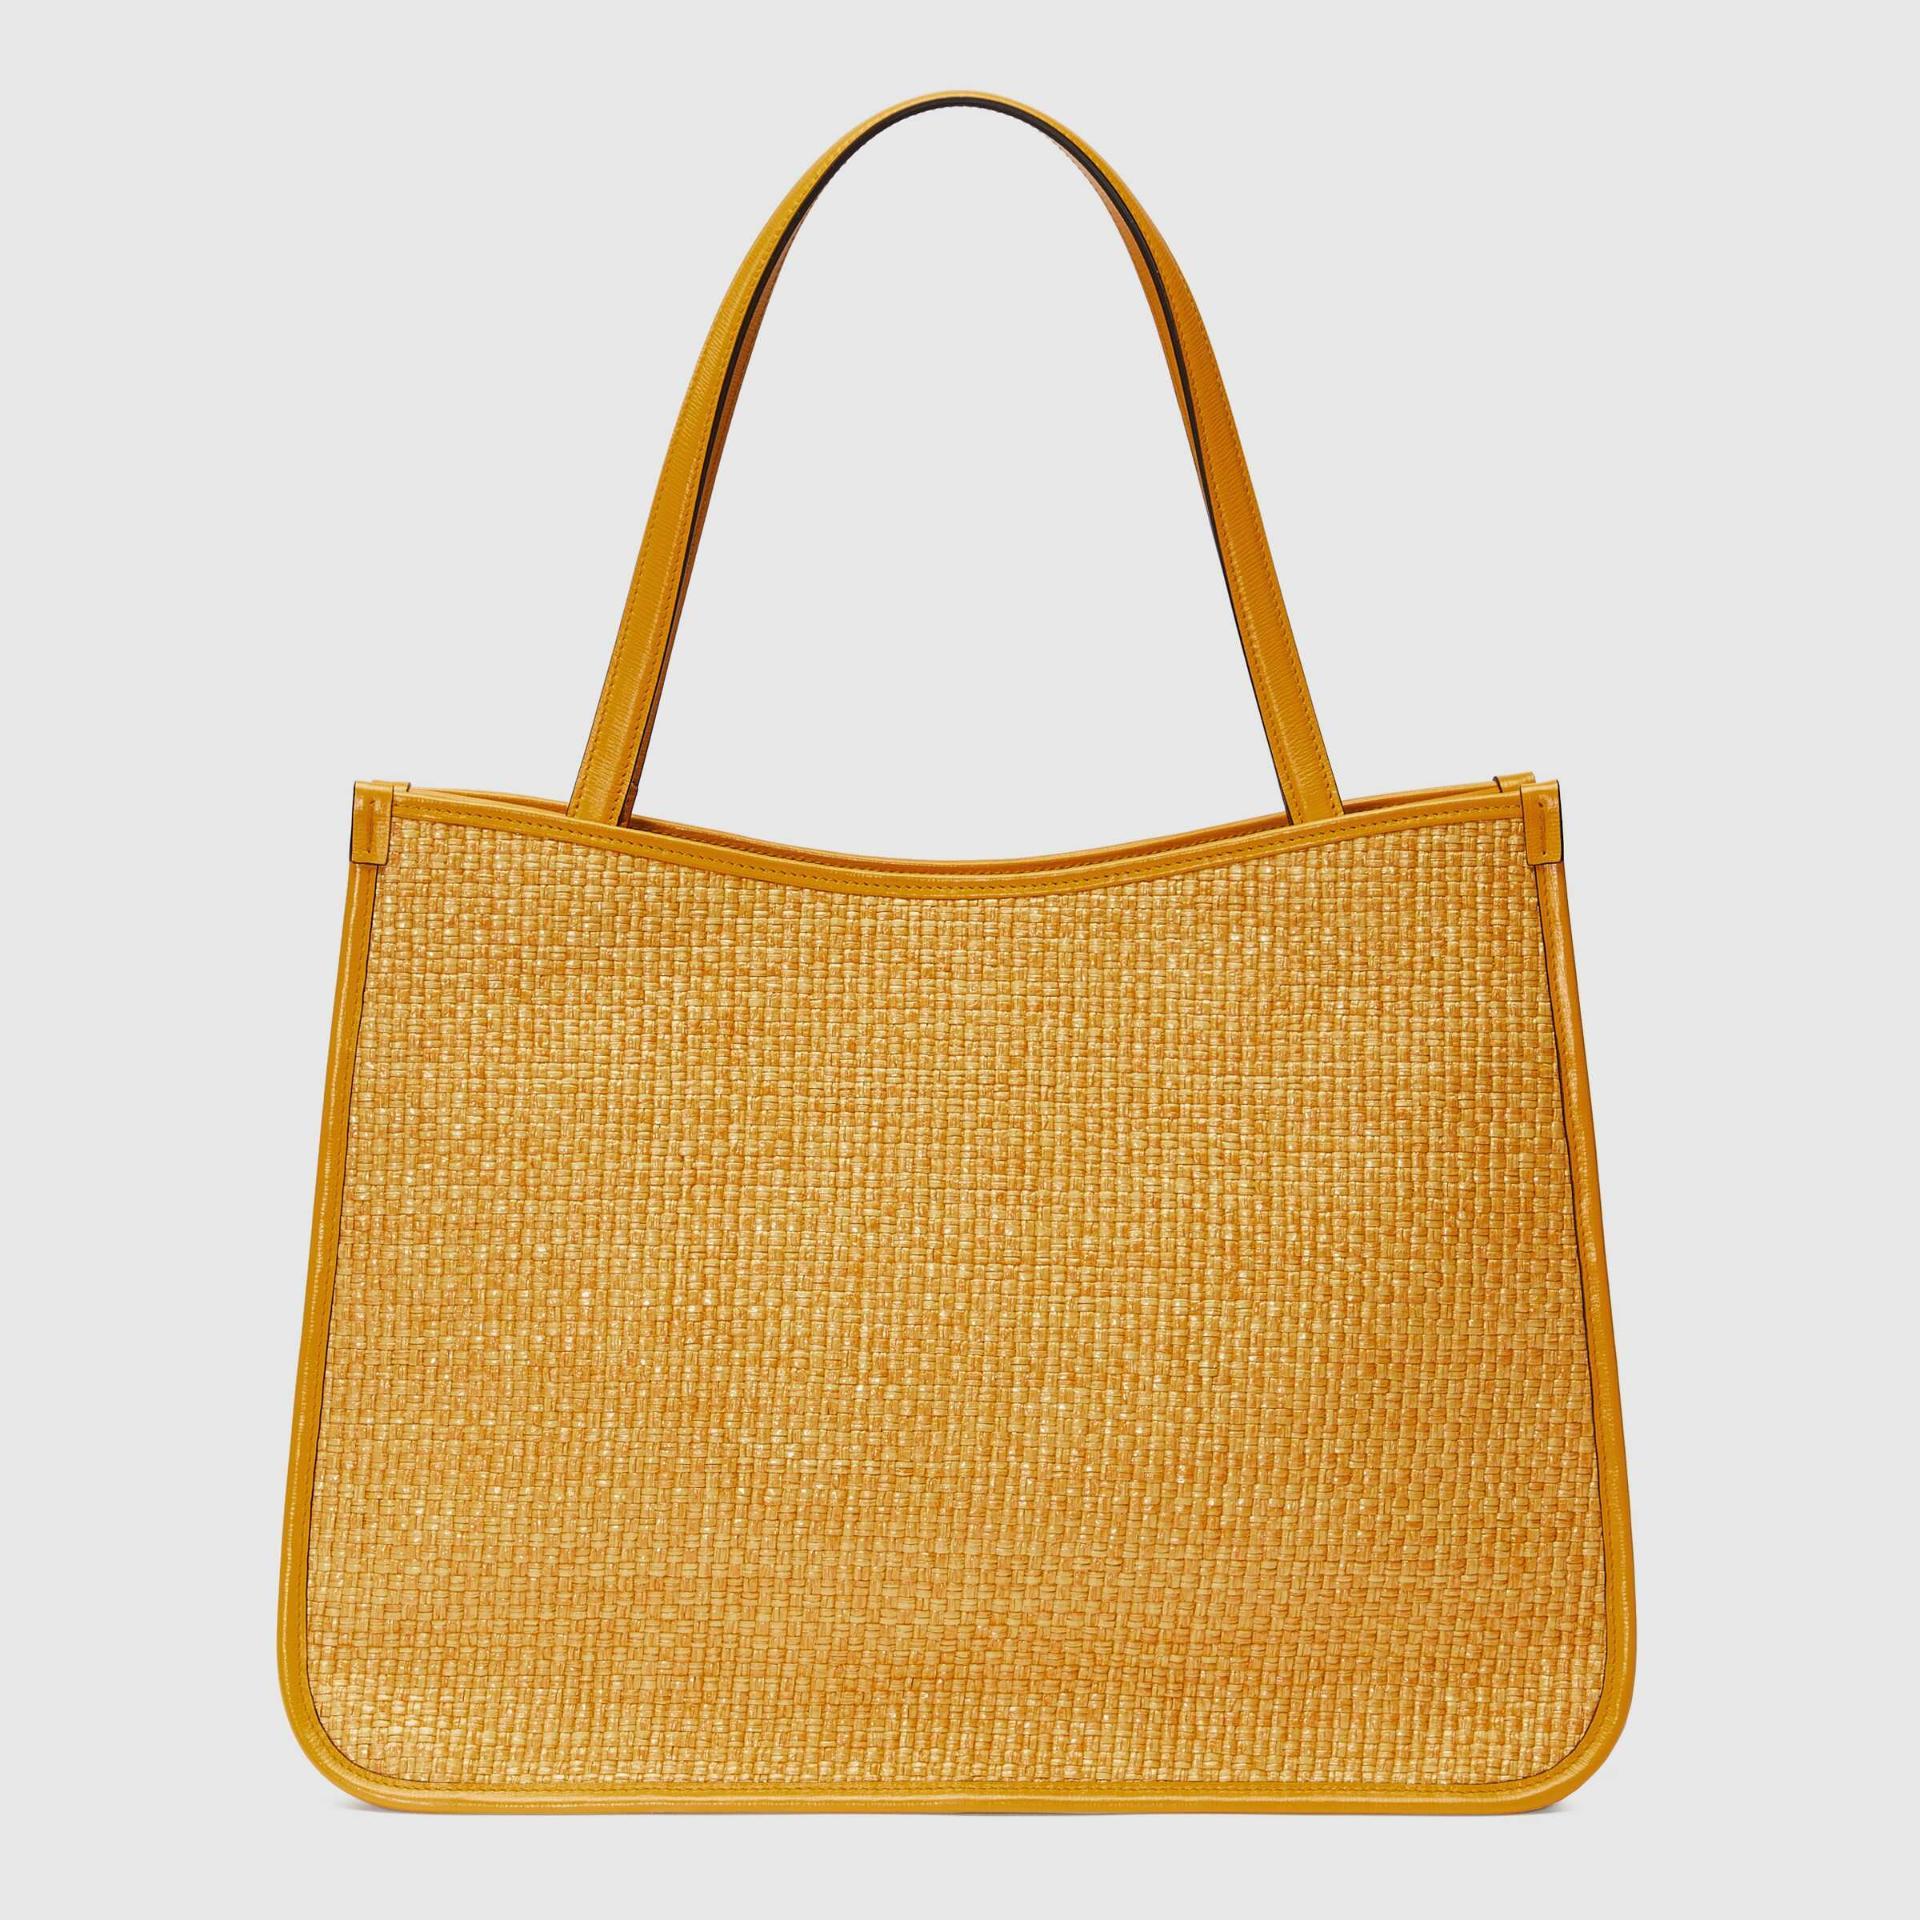 유럽직배송 구찌 GUCCI Gucci - Gucci Horsebit 1955 tote bag 6236942VAAG7673